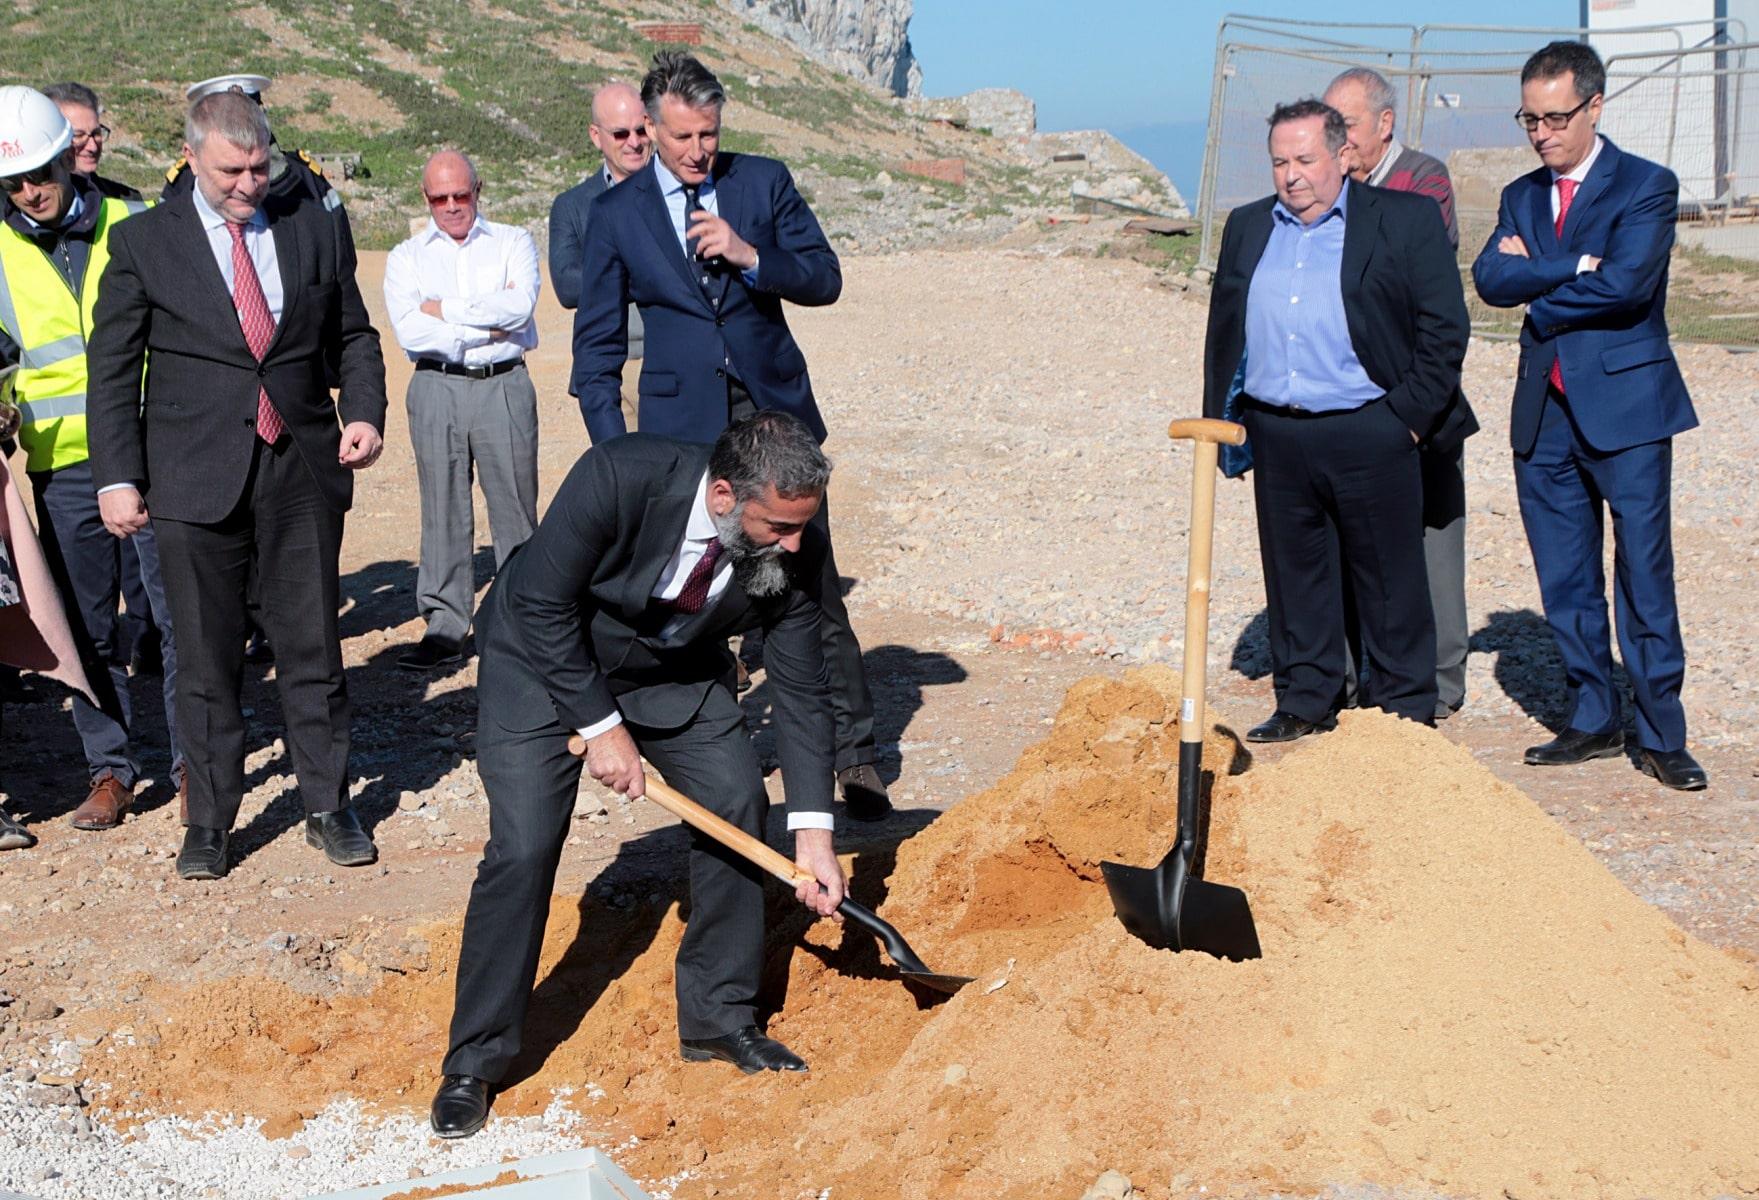 sebastian-coe-en-gibraltar_39165185754_o